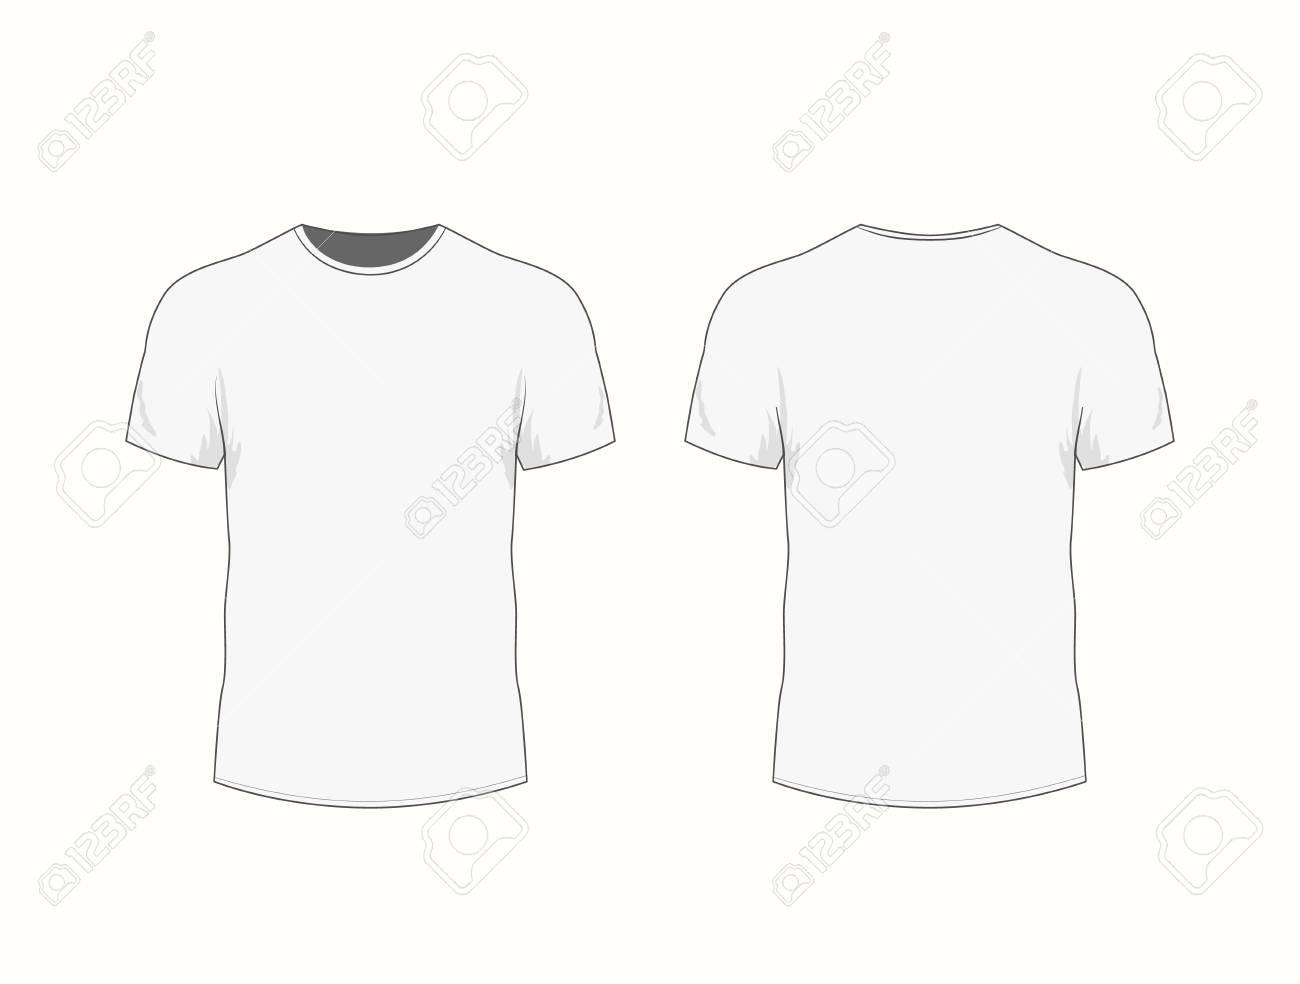 Camiseta blanca para hombre con manga corta en las vistas